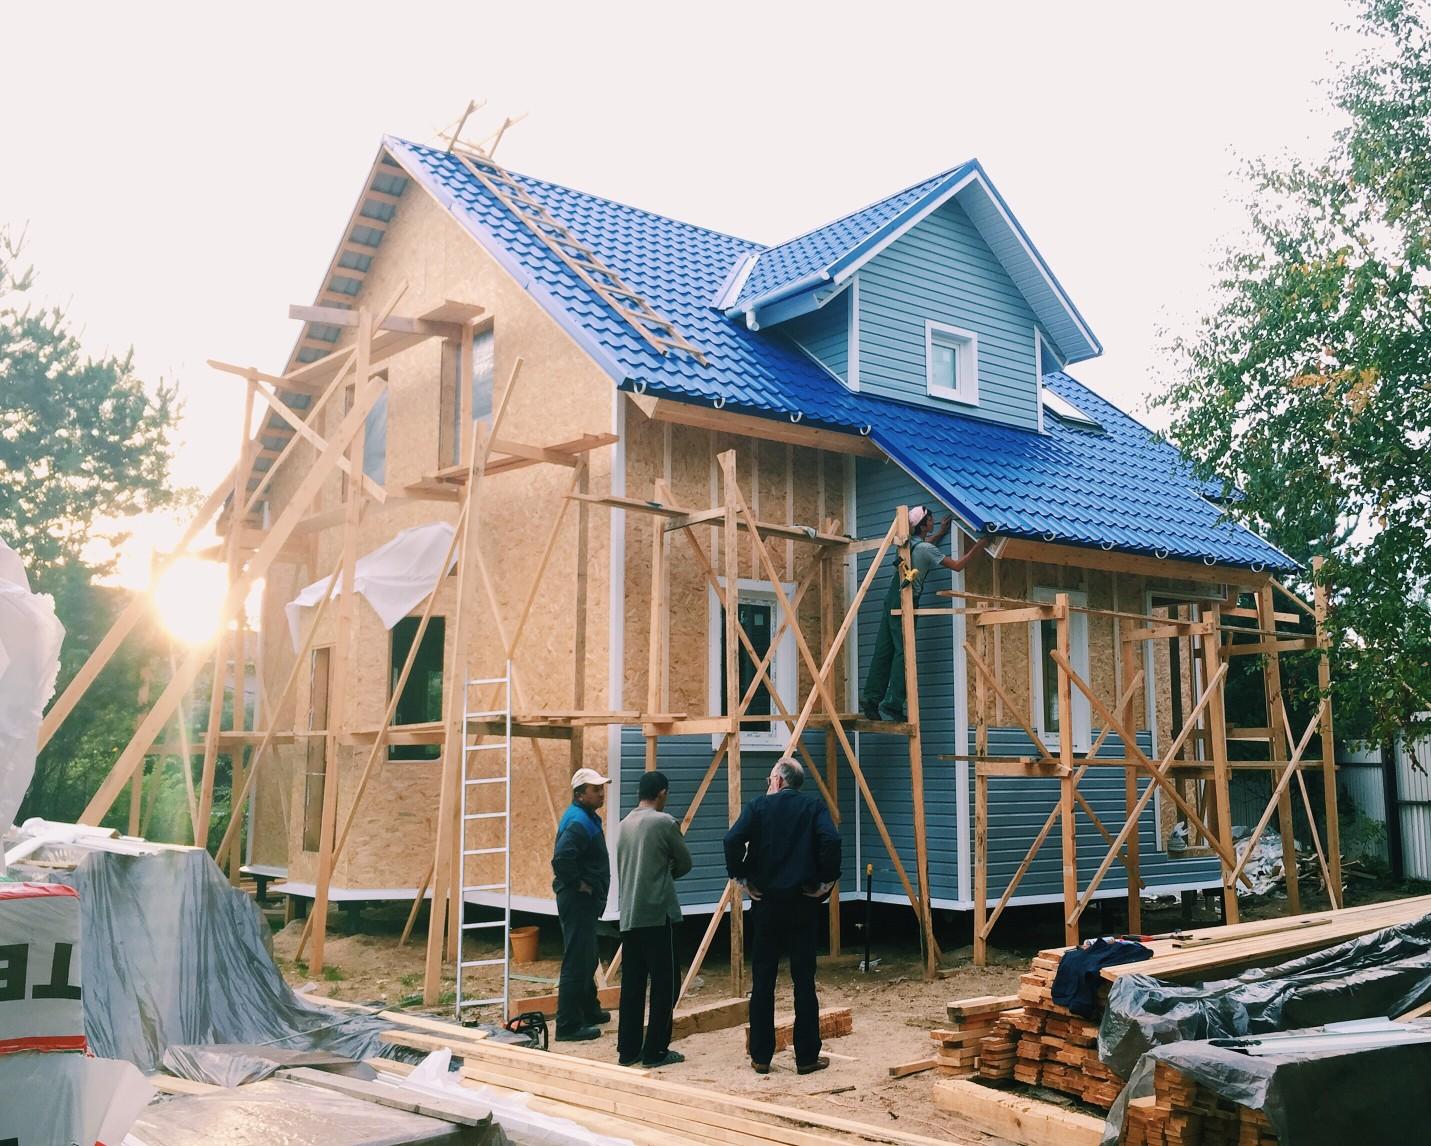 Für den Hausbau gibt es zahlreiche staatliche Förderungen. Foto @lidsspb via Twenty20